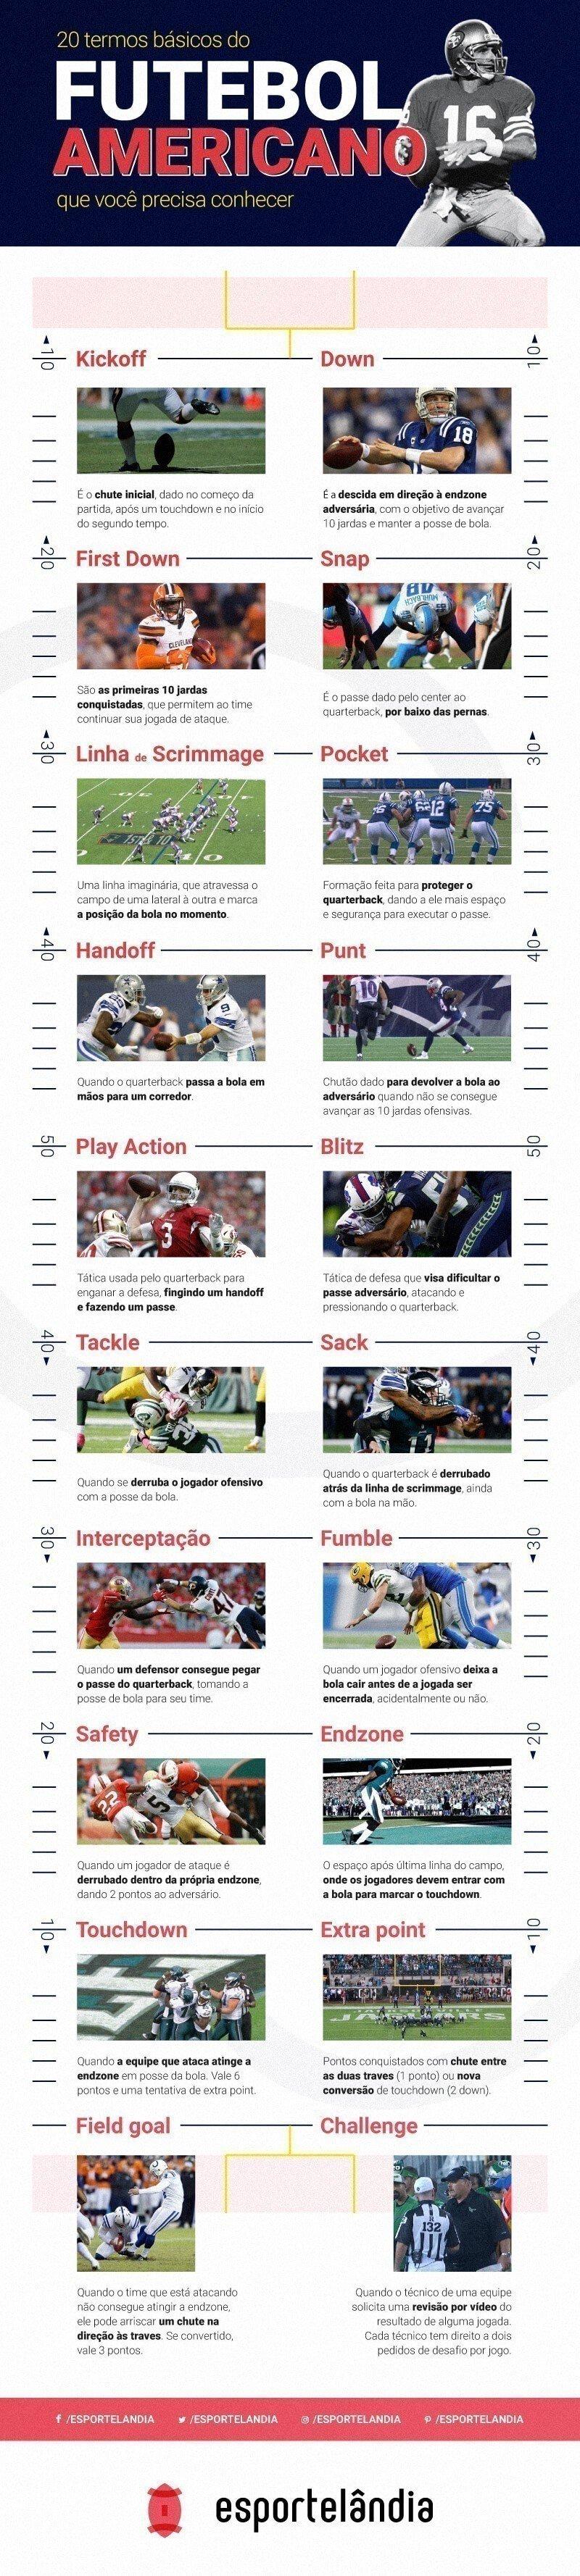 Glossário do futebol americano, 20 termos básicos